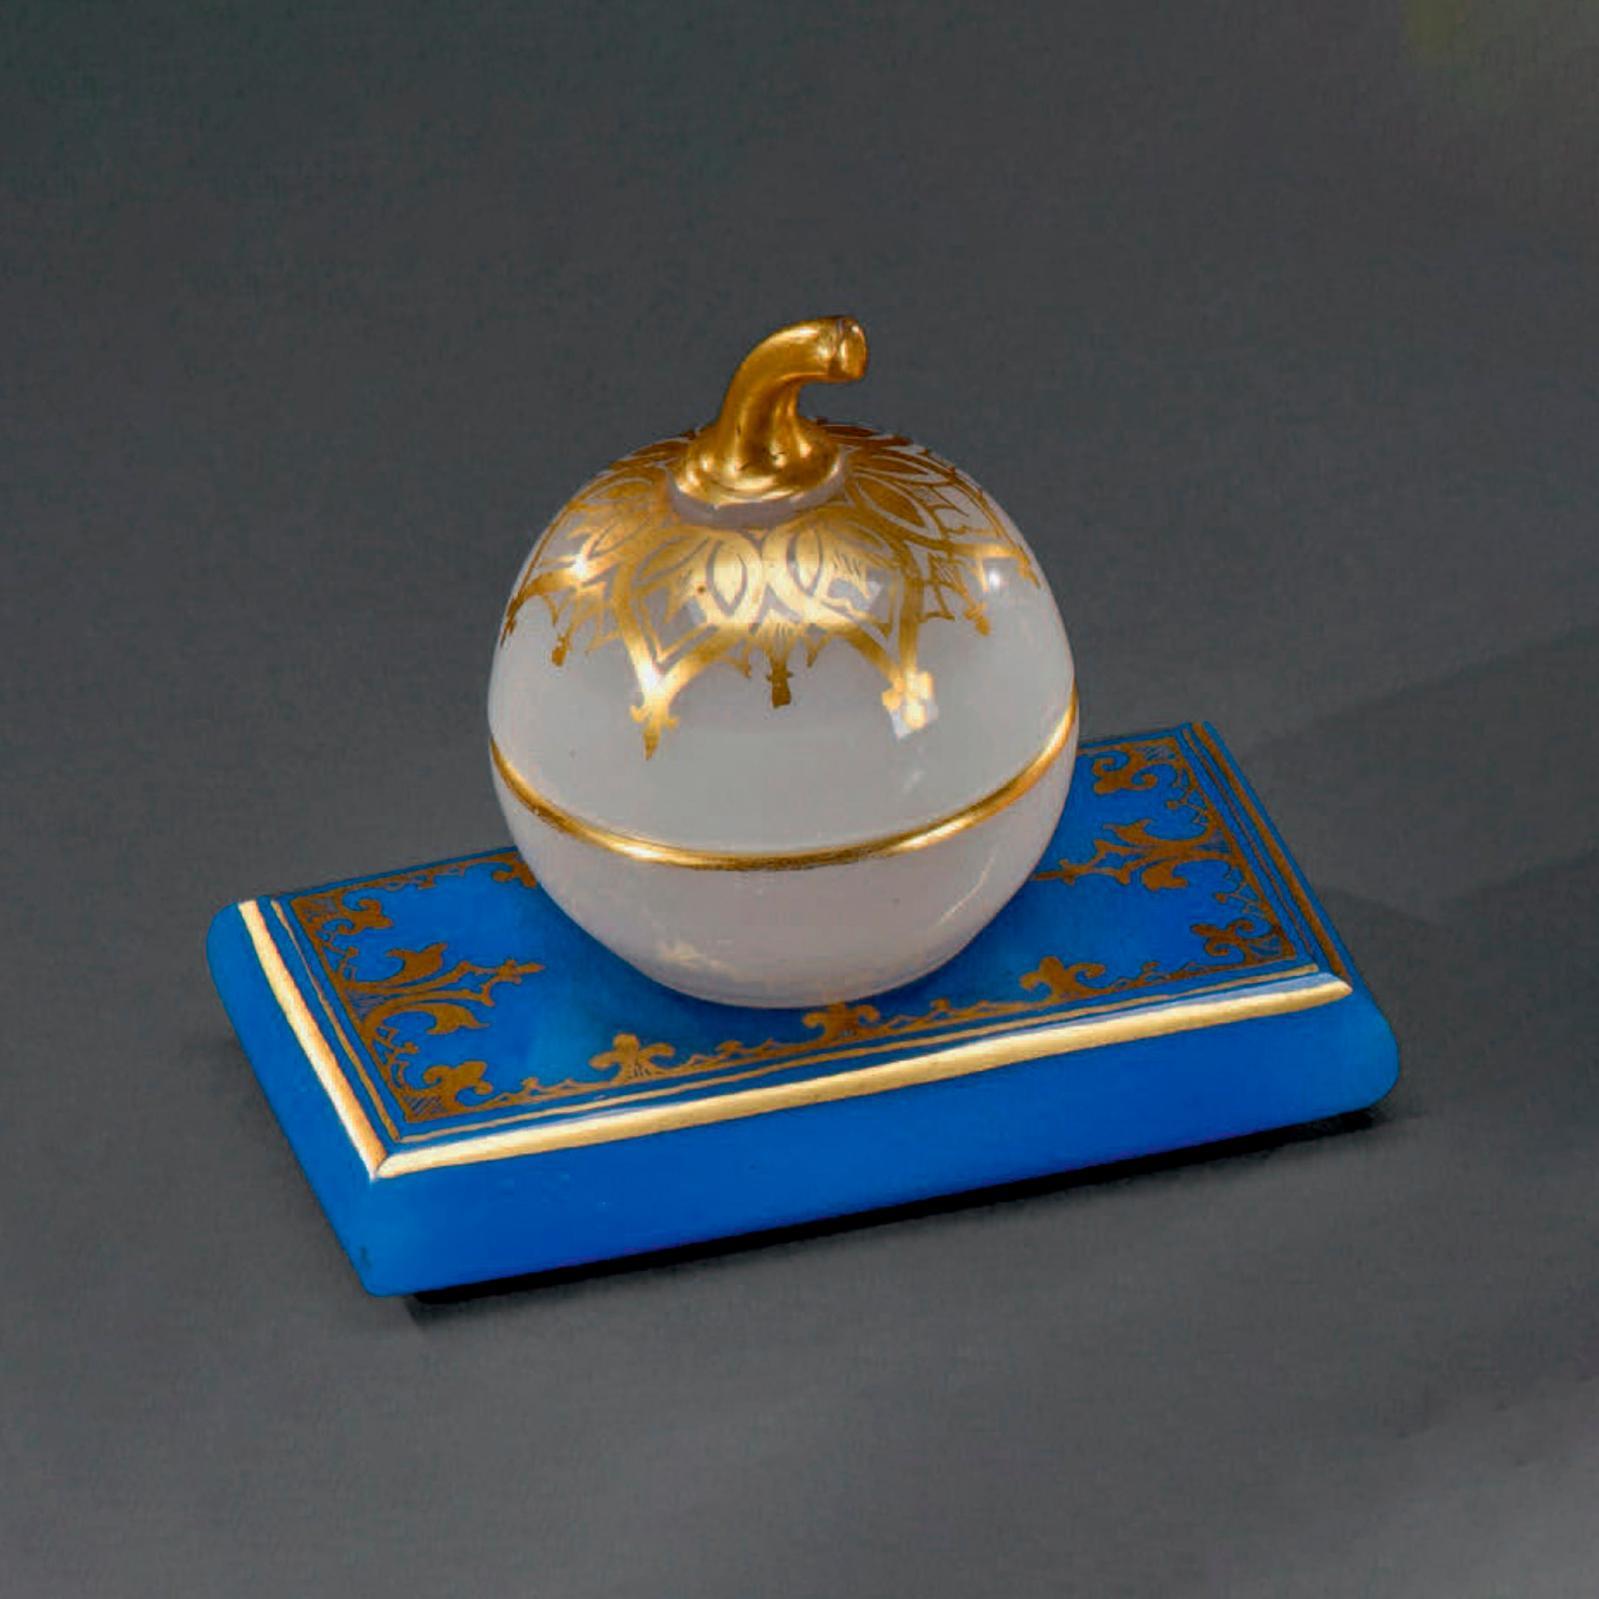 625€ Encrier couvert en forme de pomme en opaline blanche sur socle rectangulaire en opaline bleue formant presse-papier, époque Charles